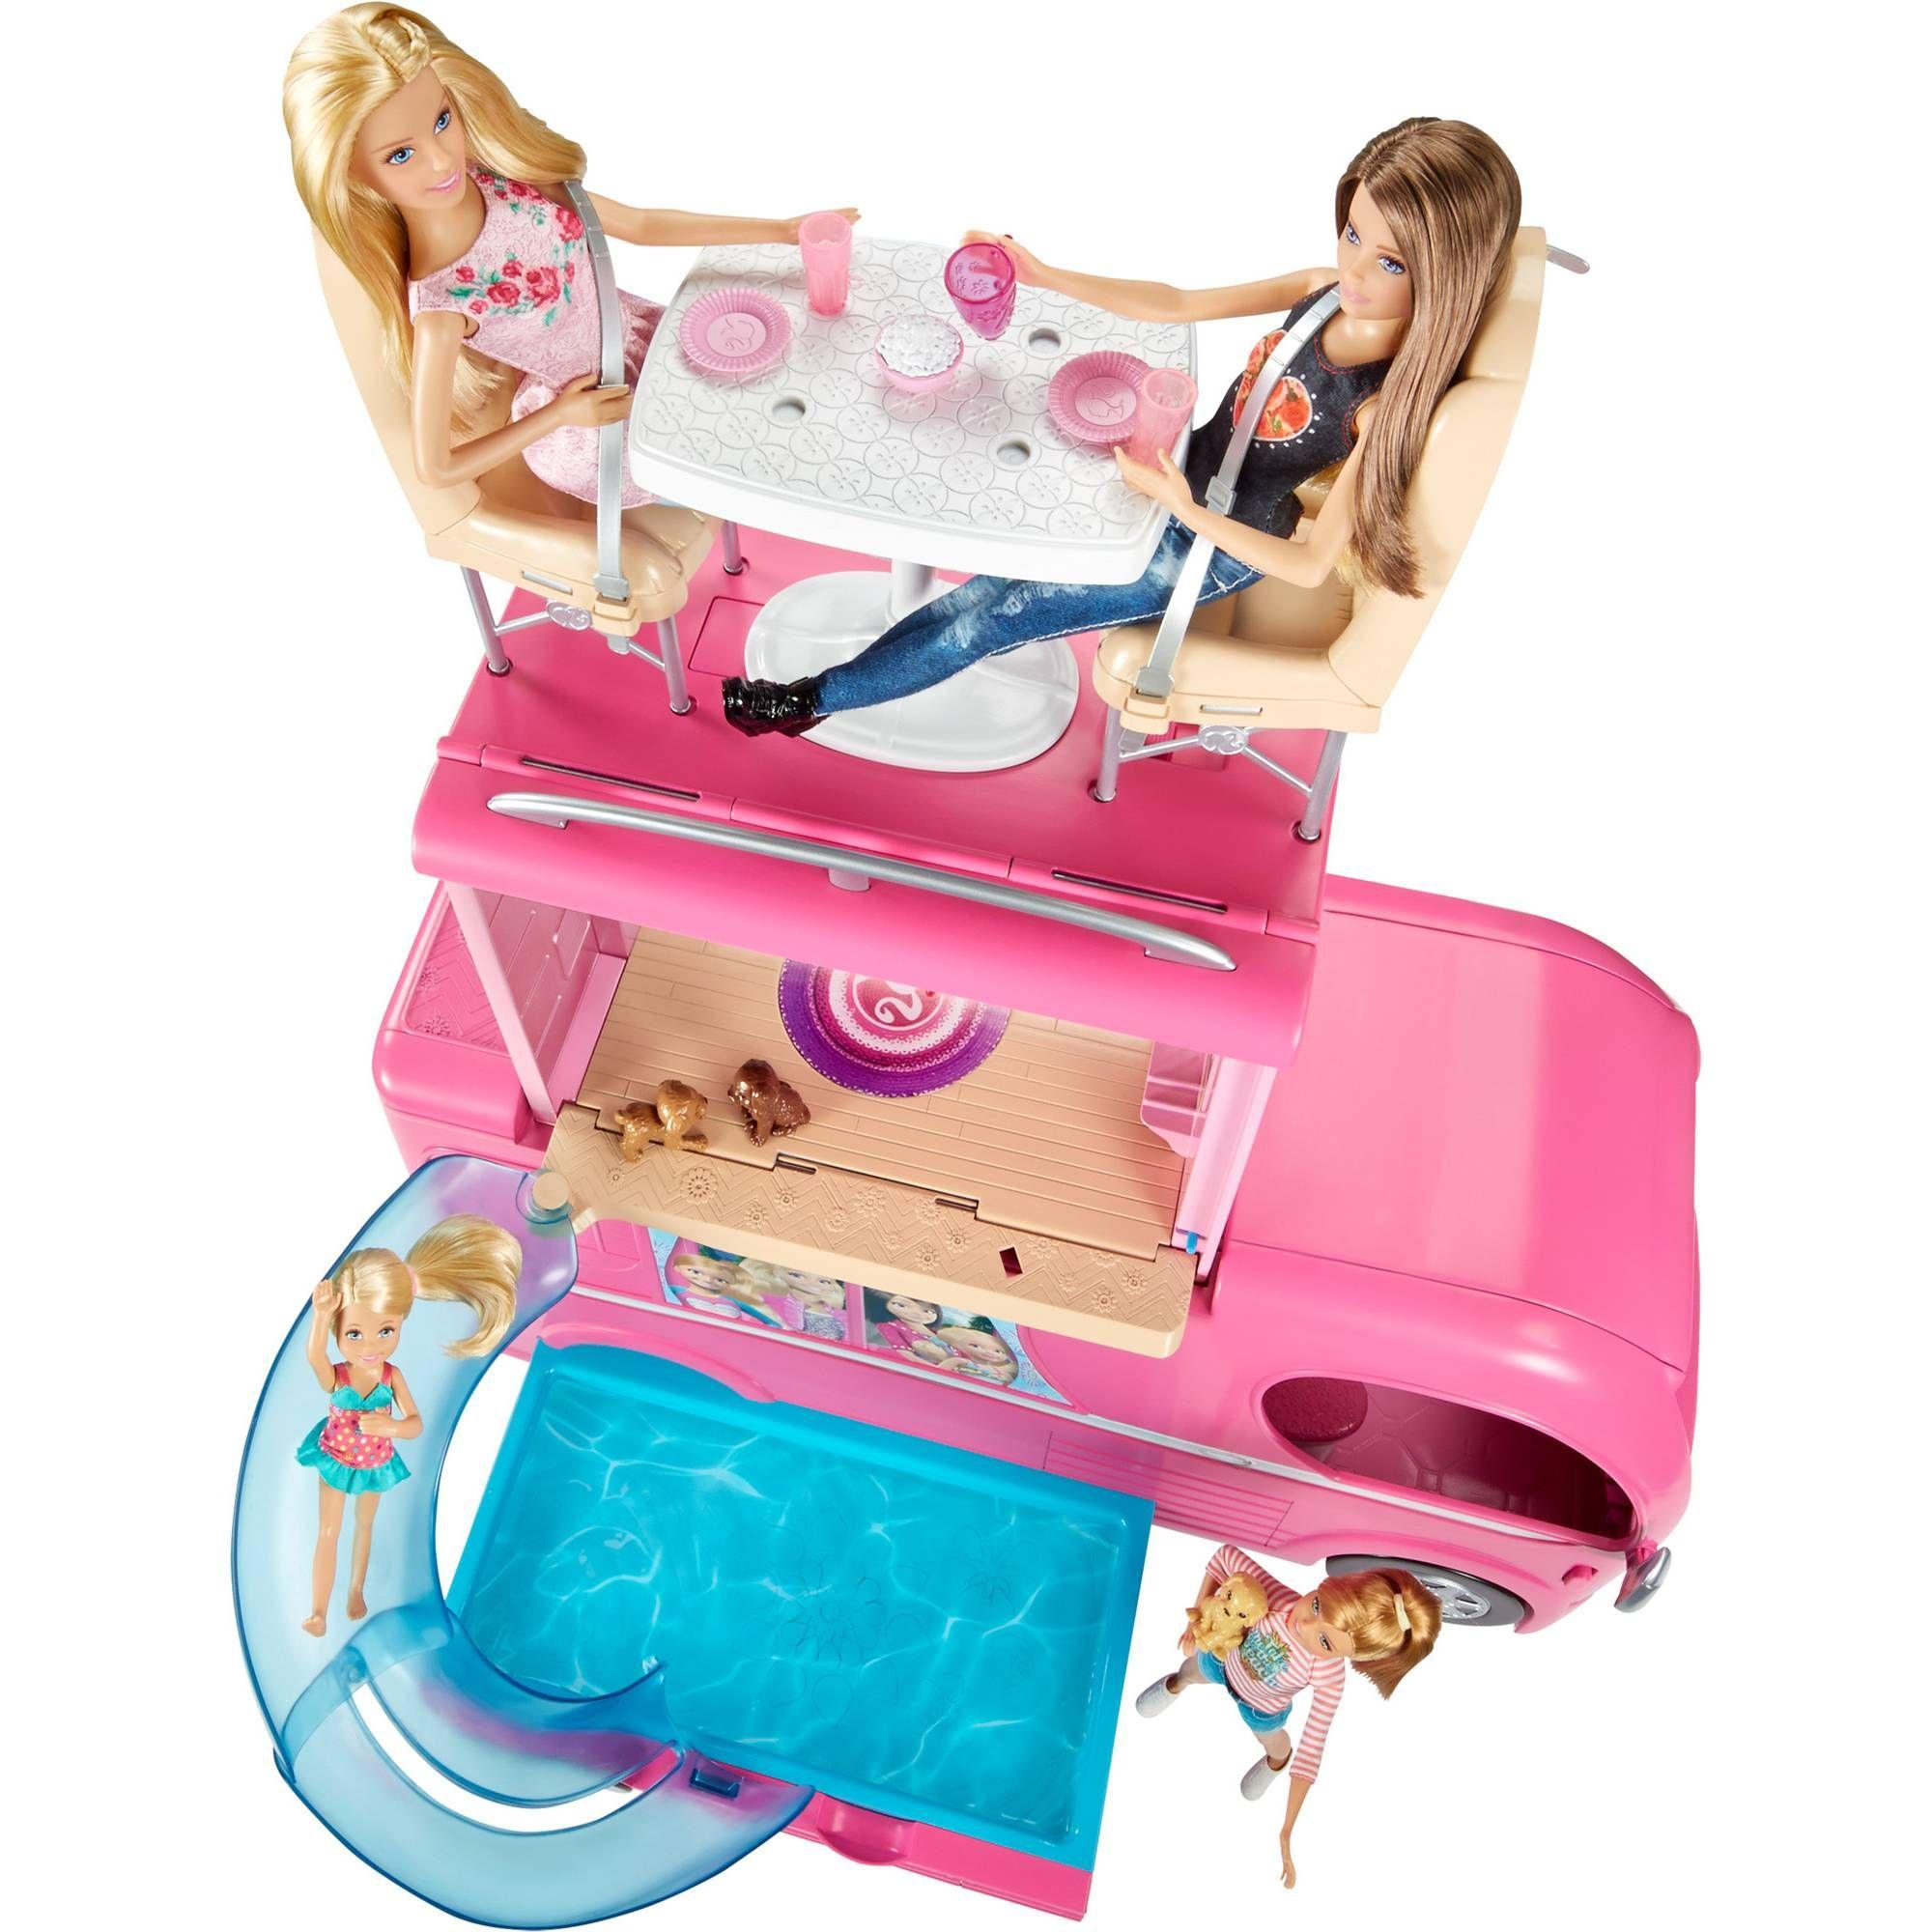 Toys Pop Up Camper Barbie Pink Wheels